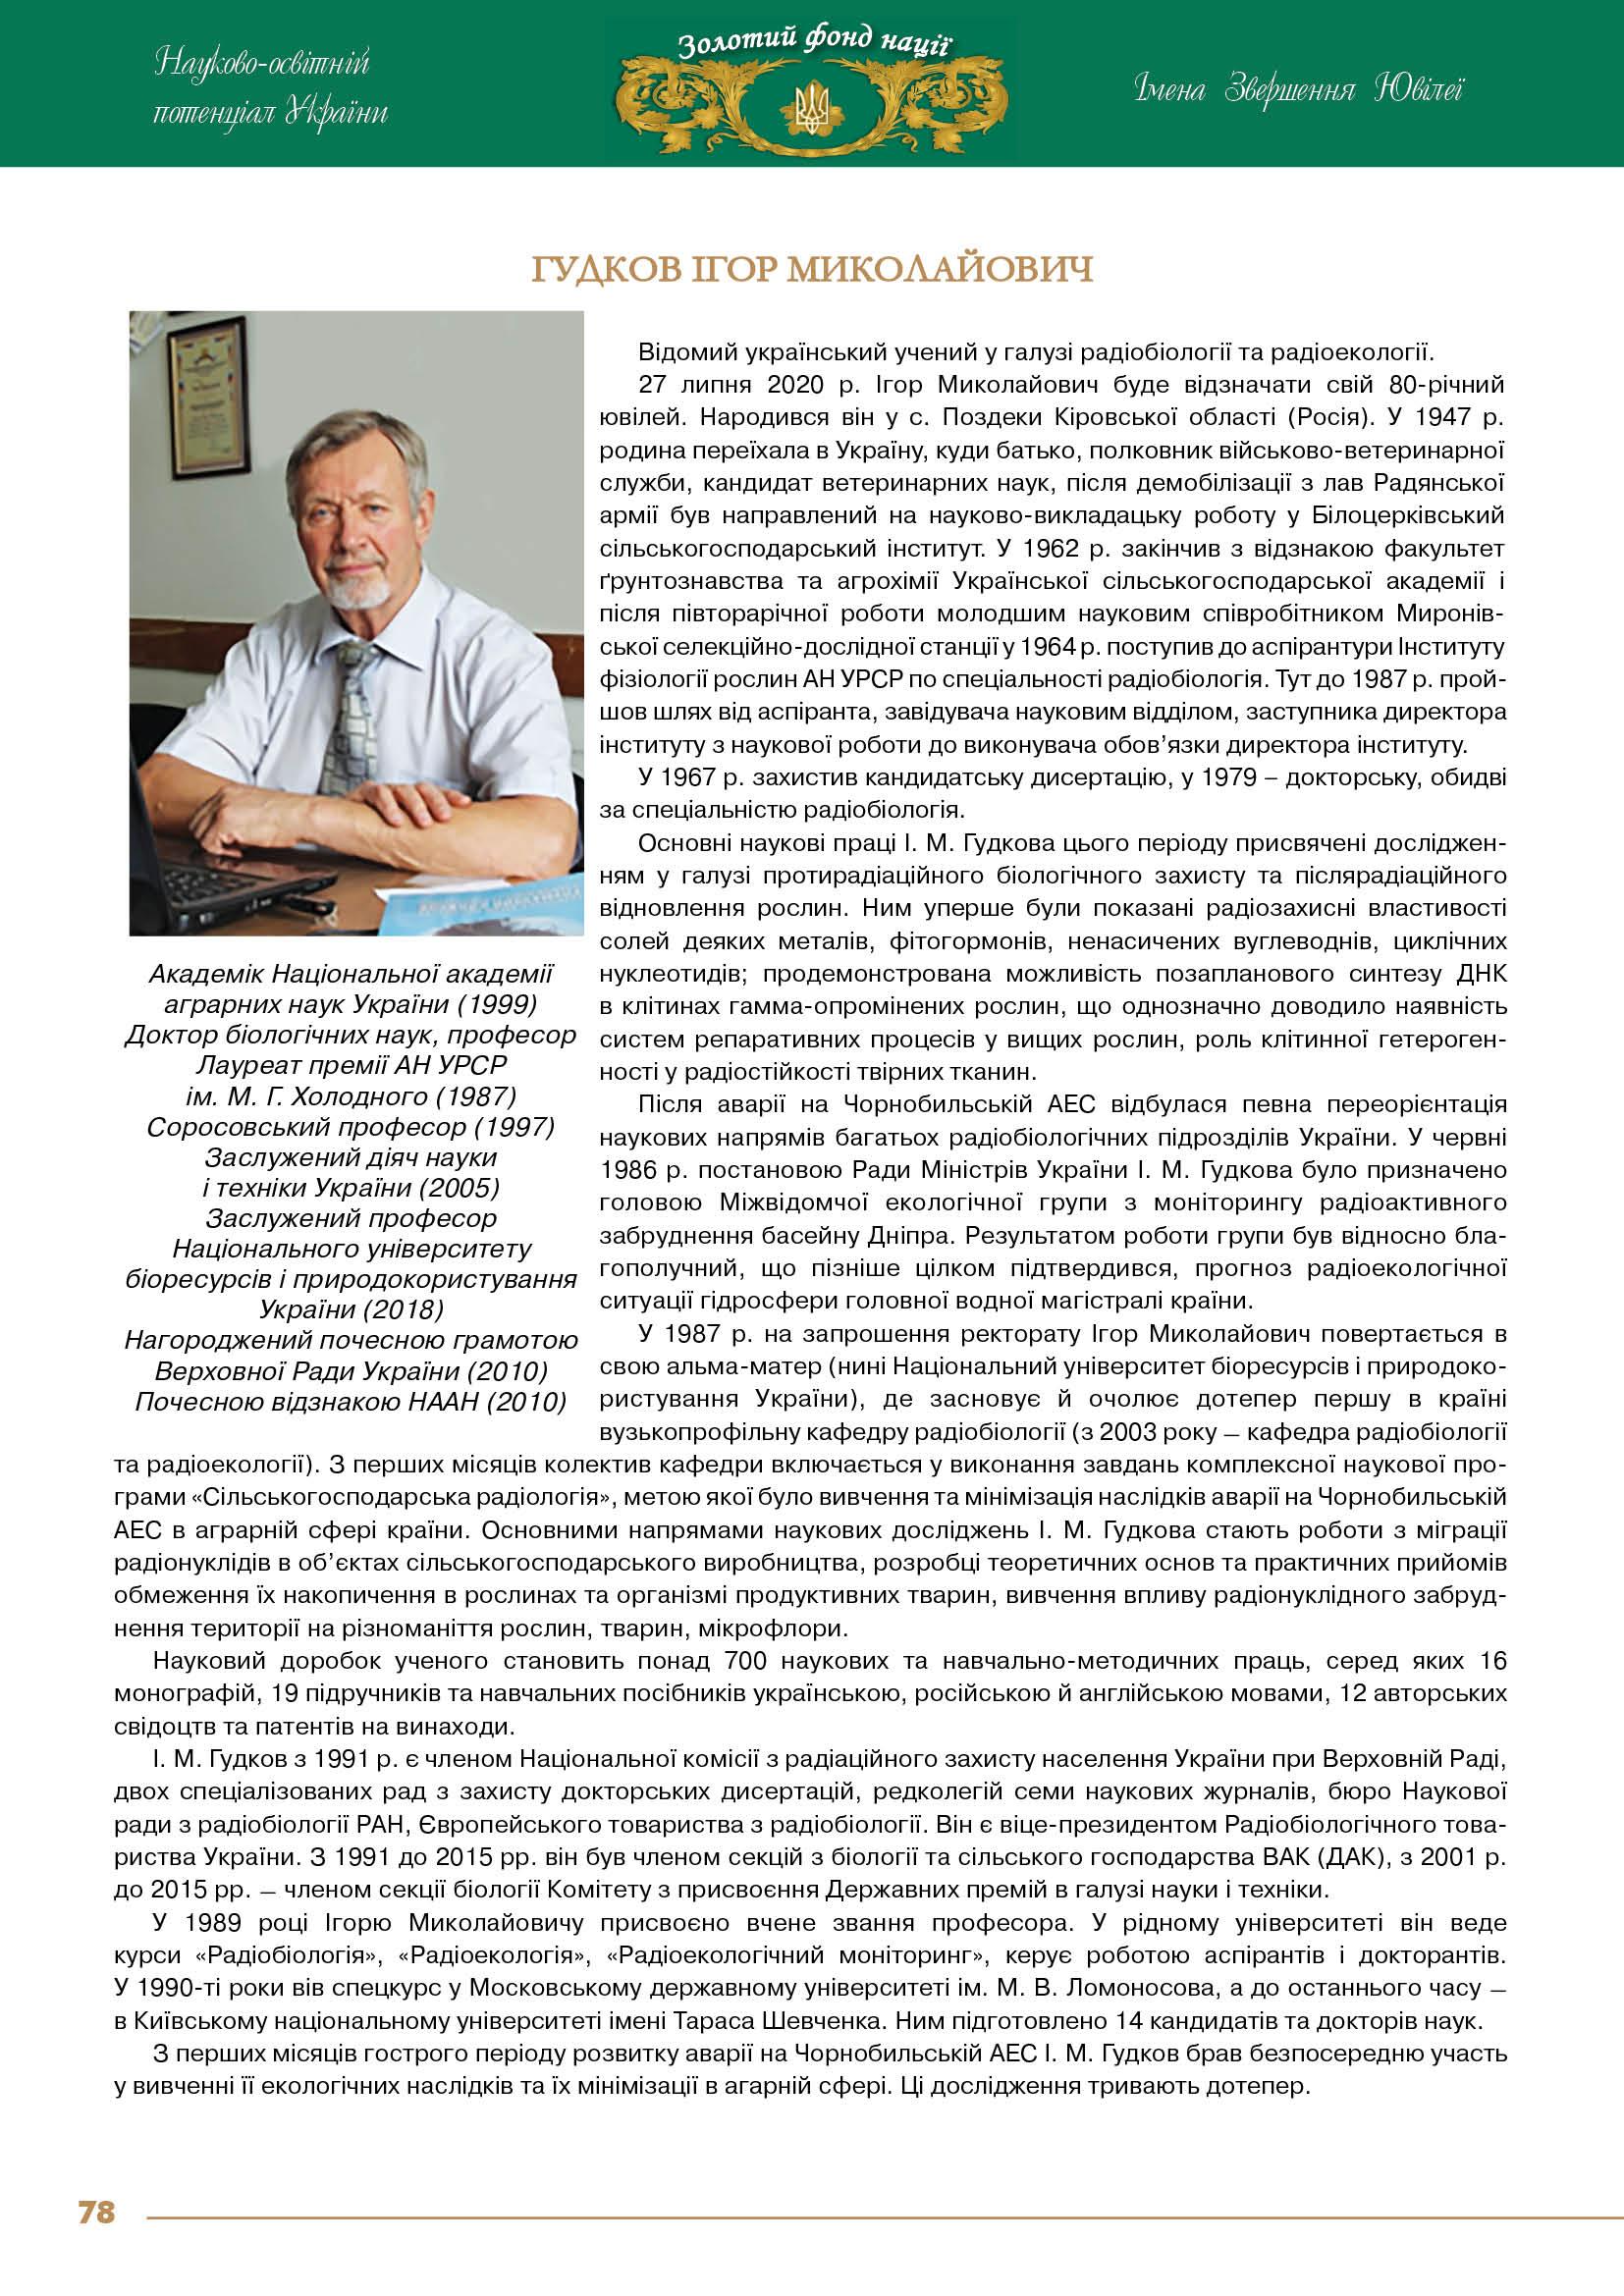 Гудков Ігор Миколайович